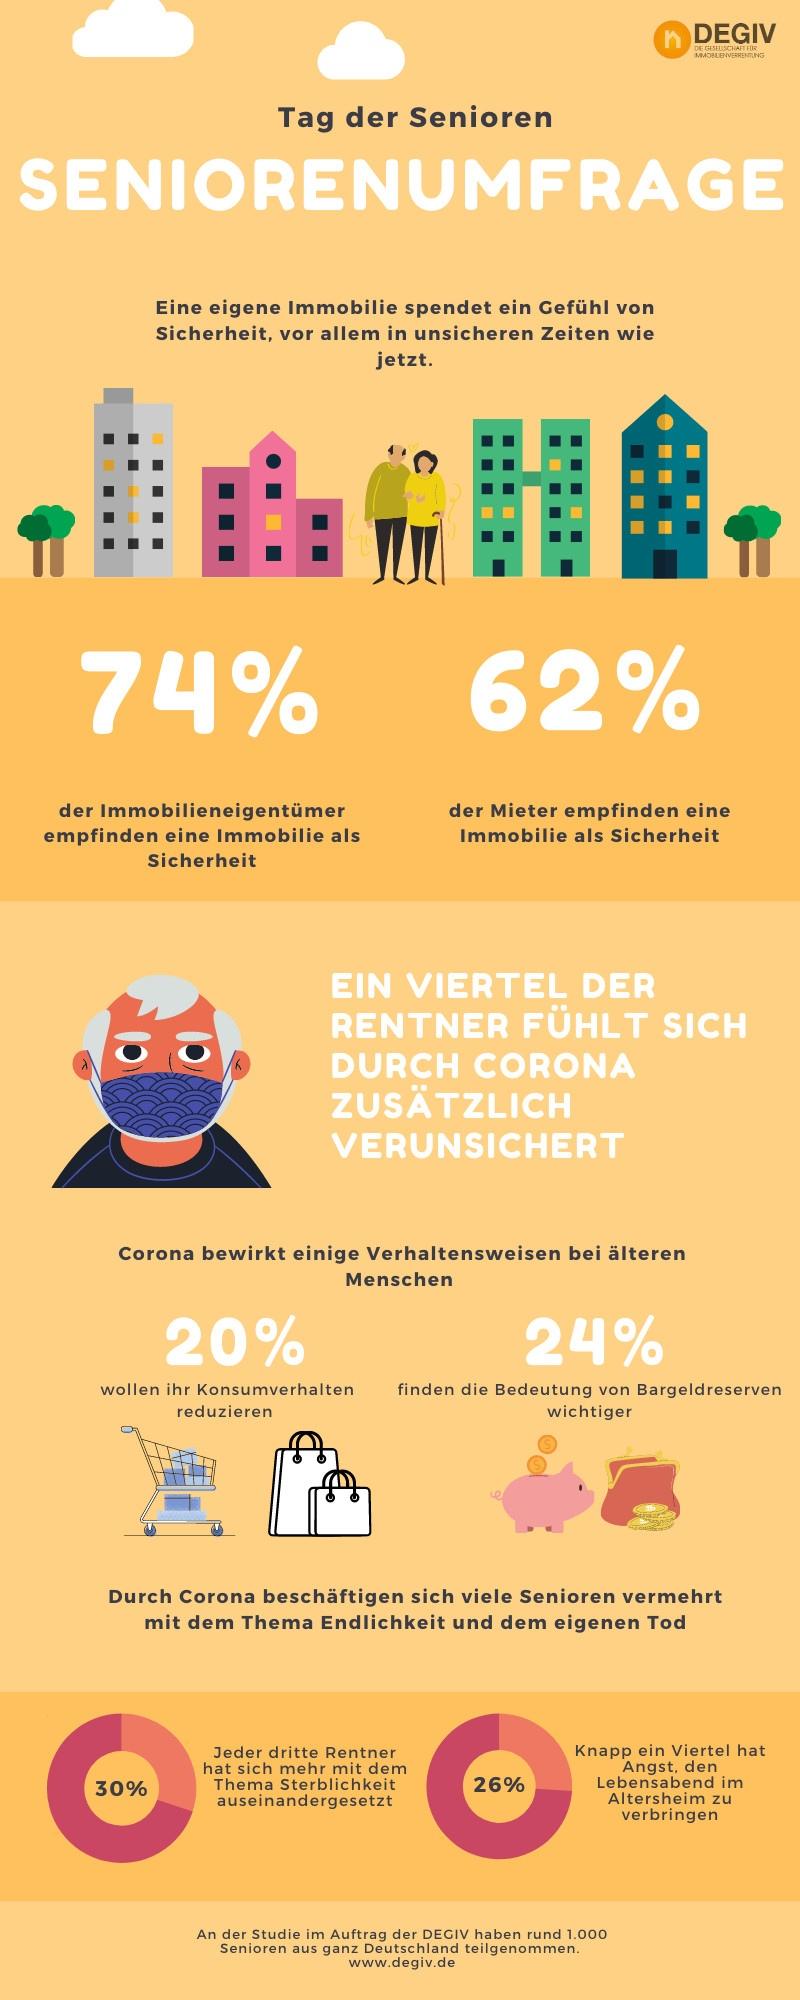 Infografik 1 - DEGIV Studie 2020